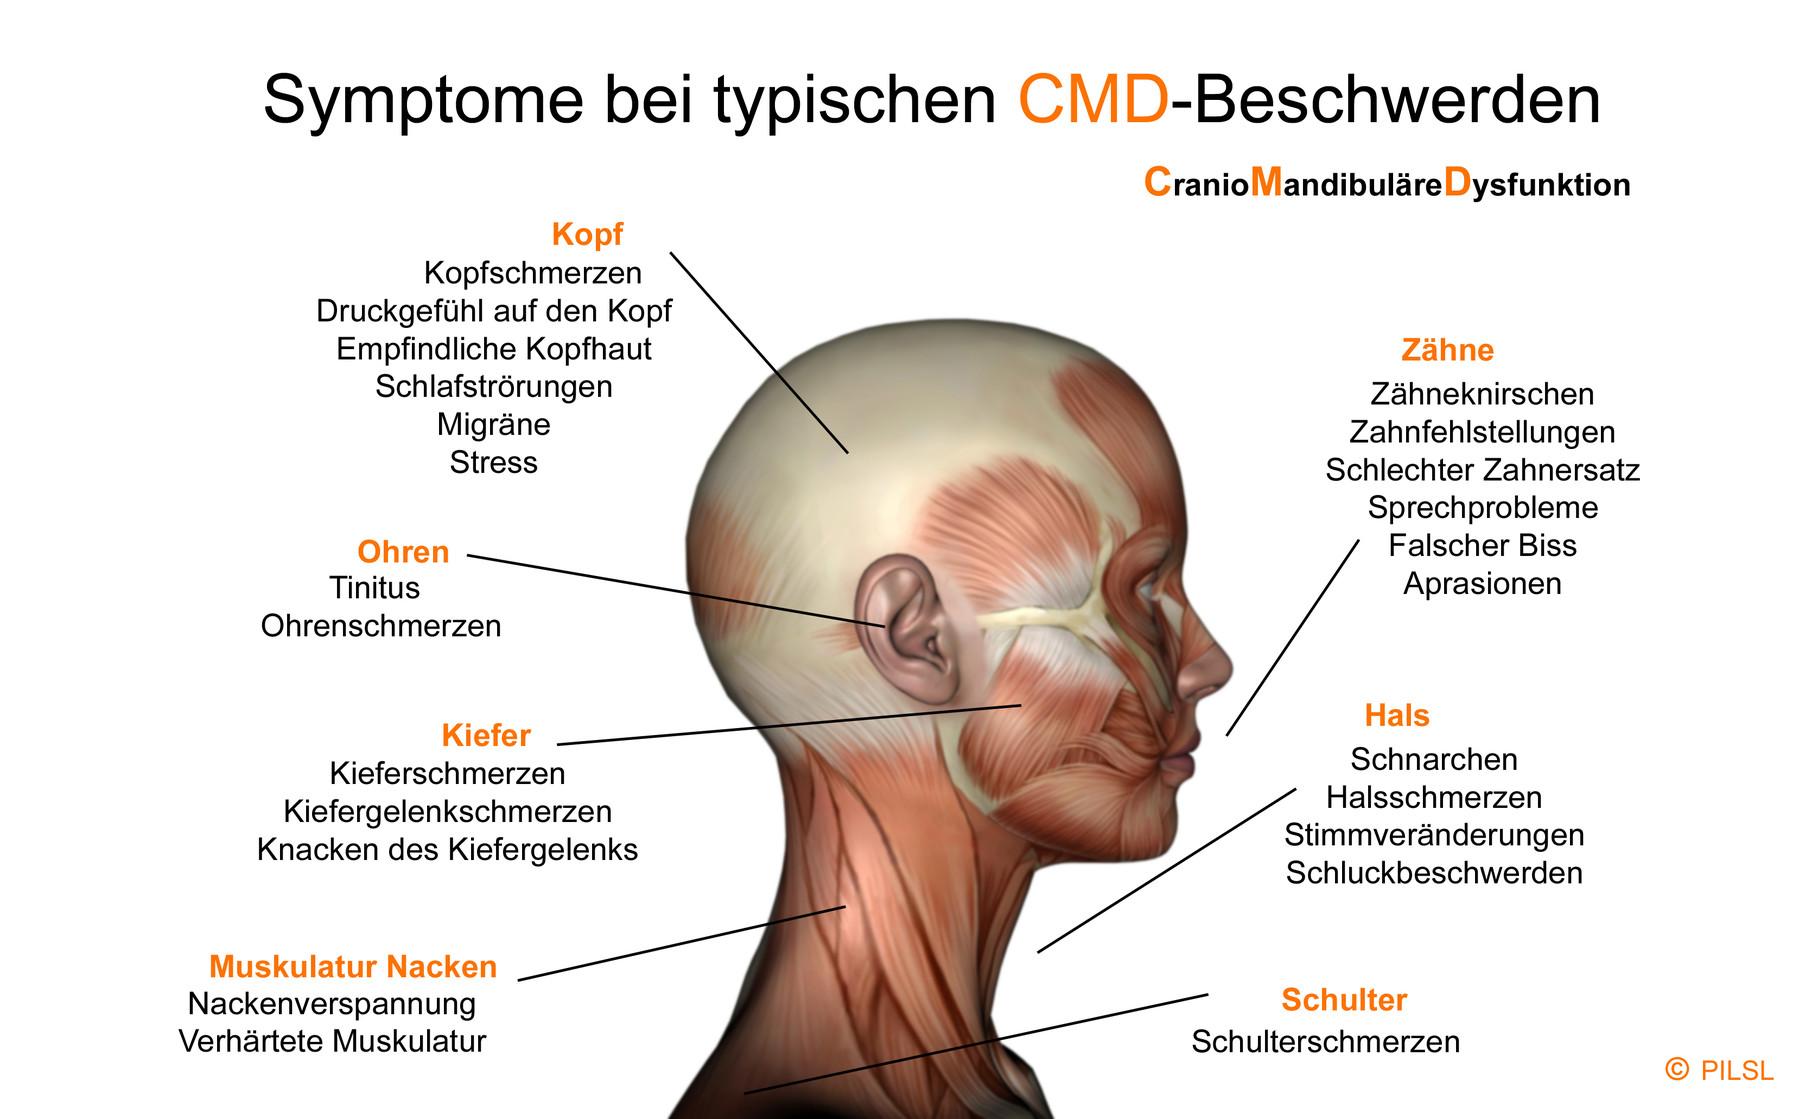 Ziemlich Vordere Hals Anatomie Fotos - Physiologie Von Menschlichen ...